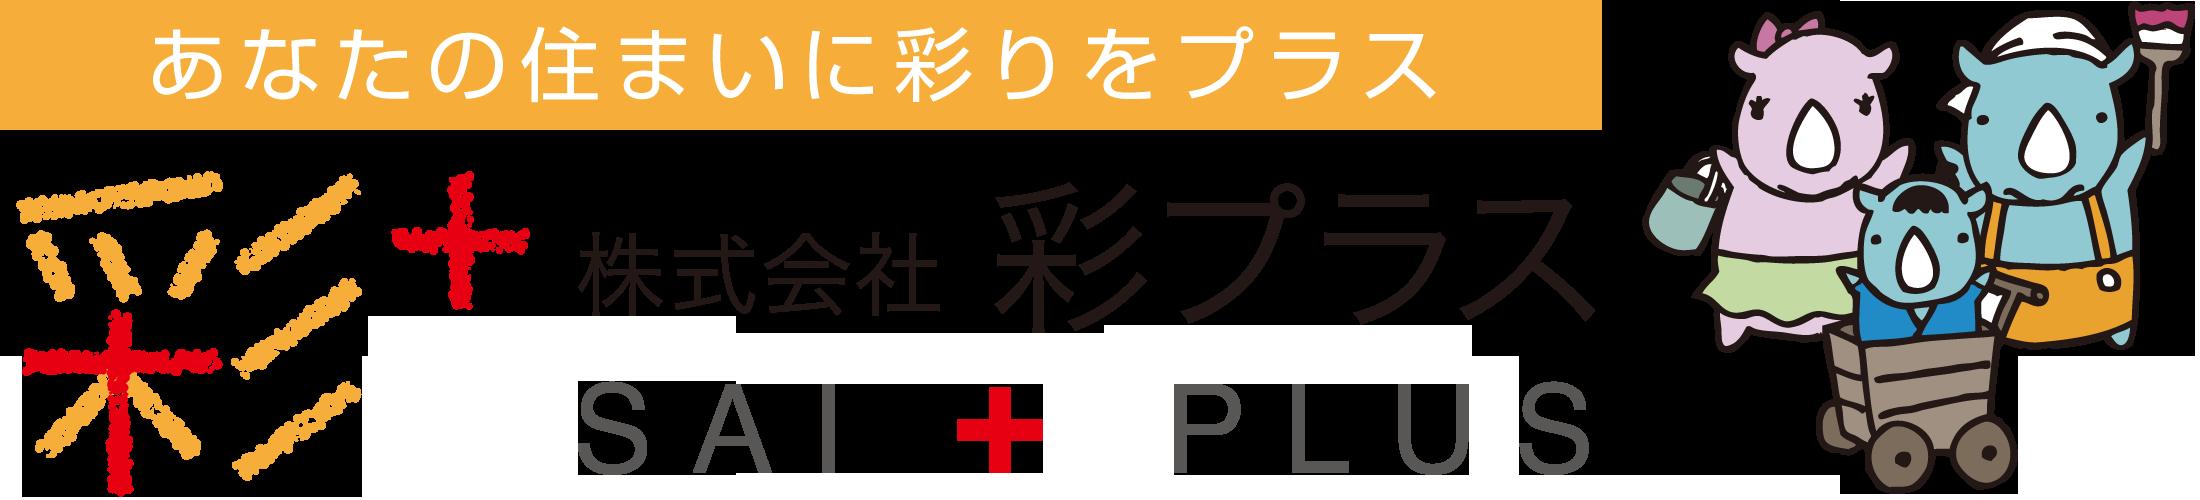 株式会社 彩プラス